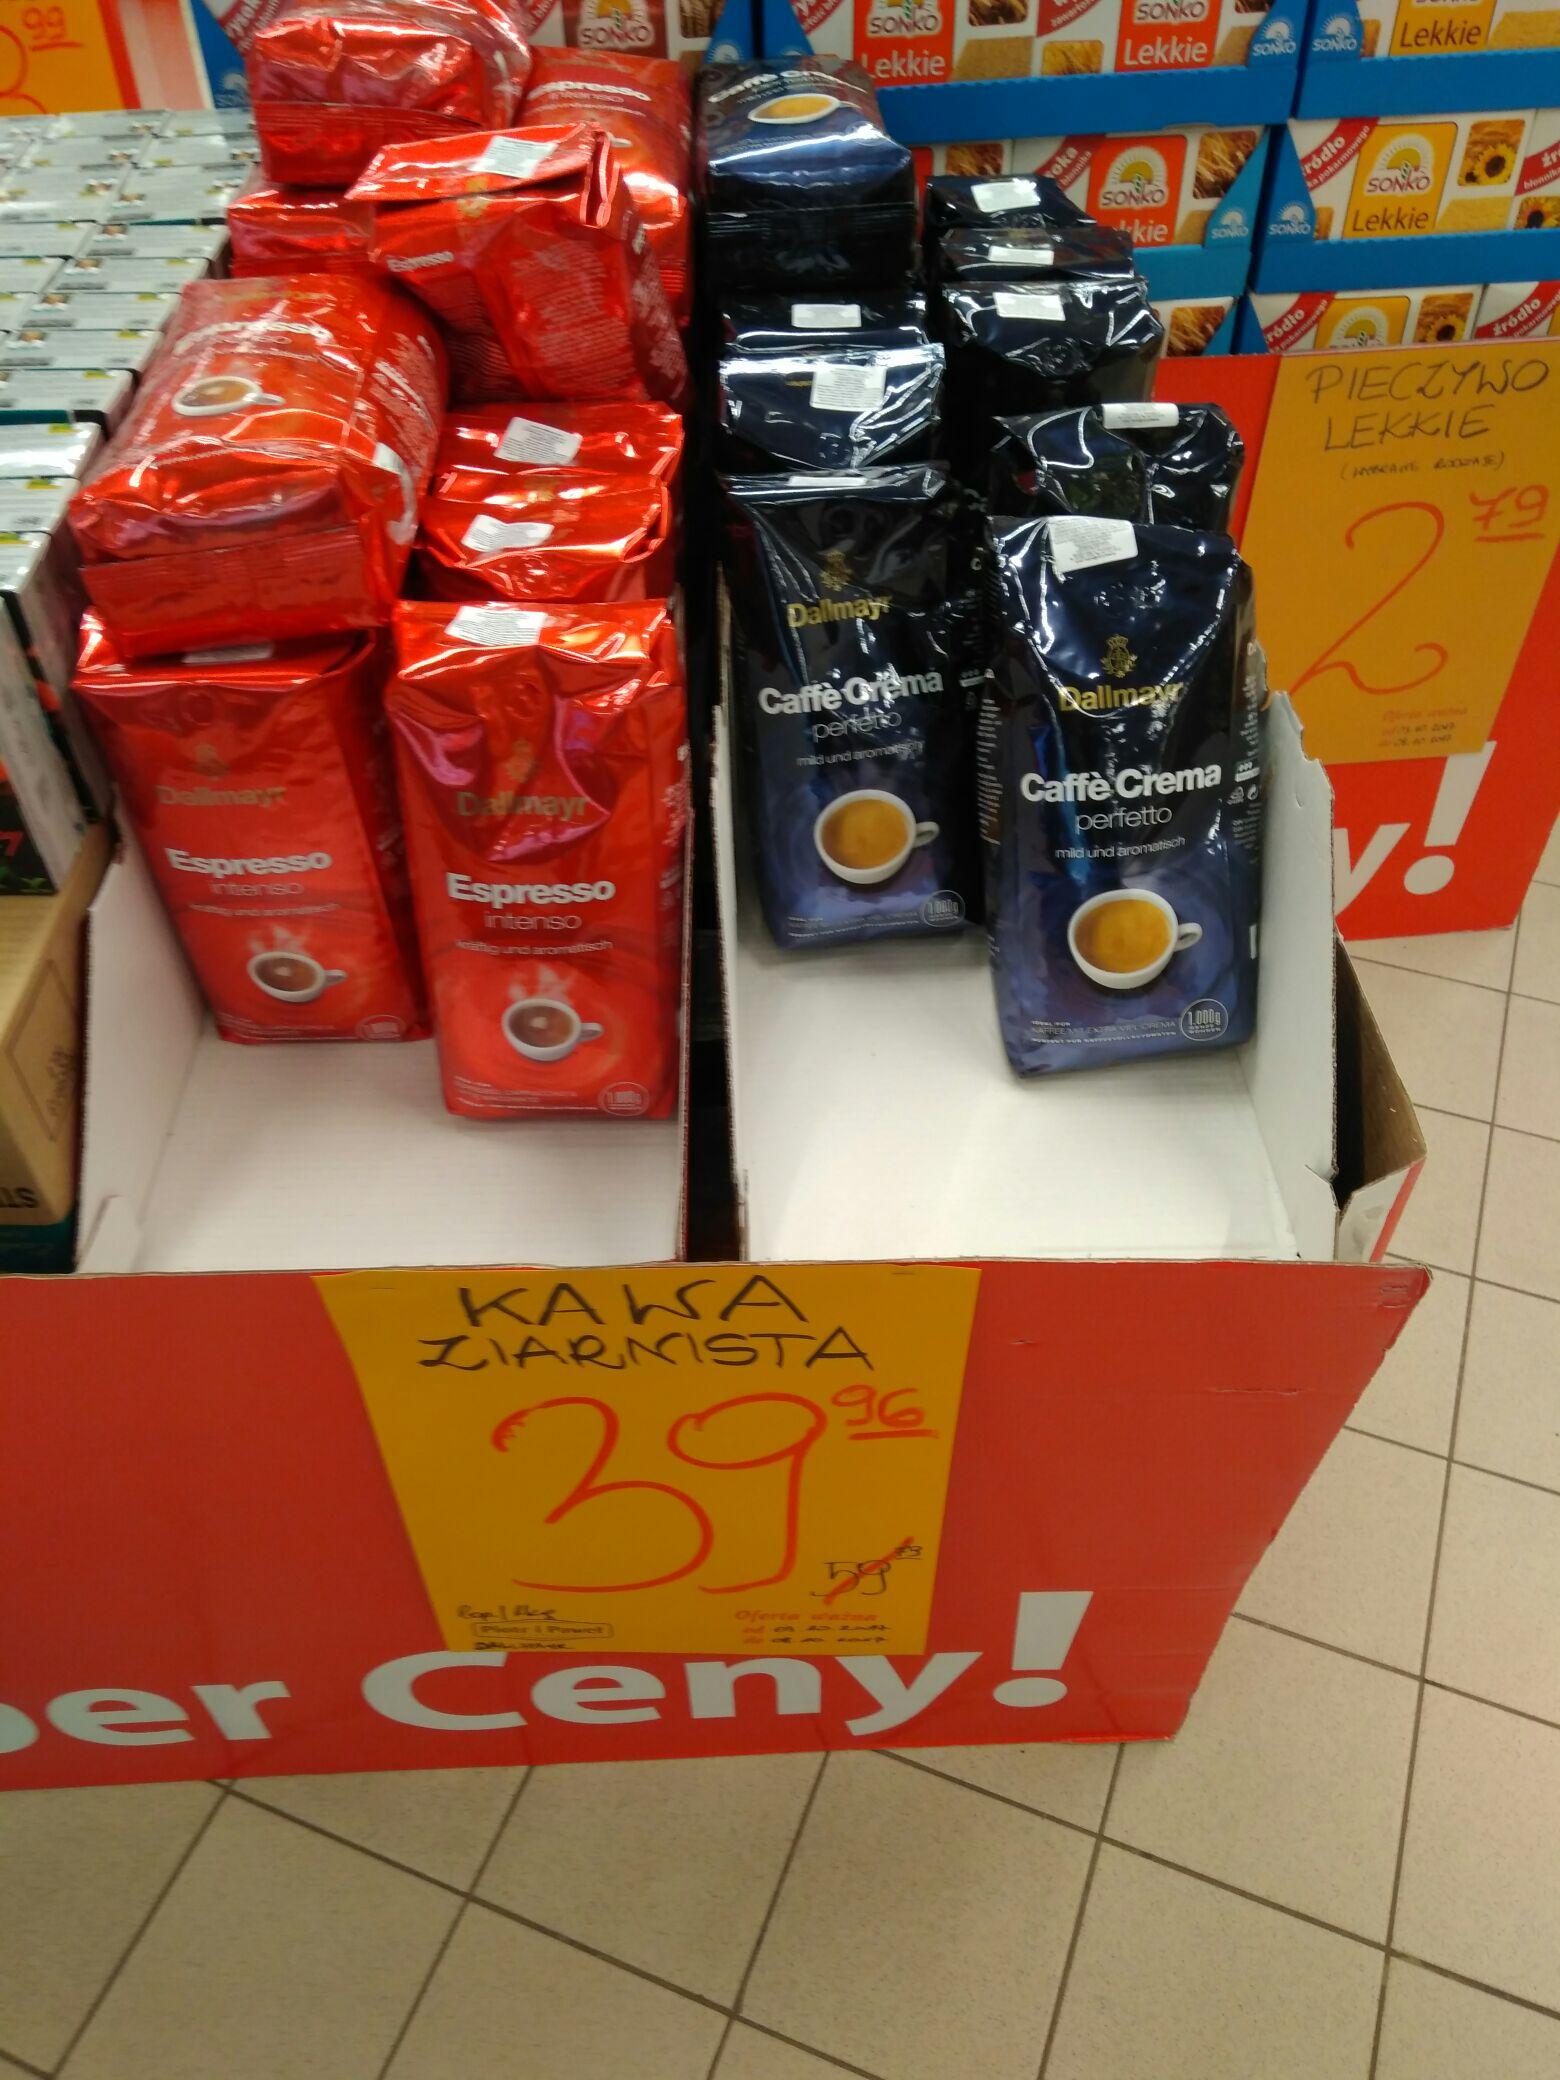 Kawa Dallmayr Espresso Intensa 1kg ziarno i Dallmayr Caffe Crema Perffecto 1kg ziarno